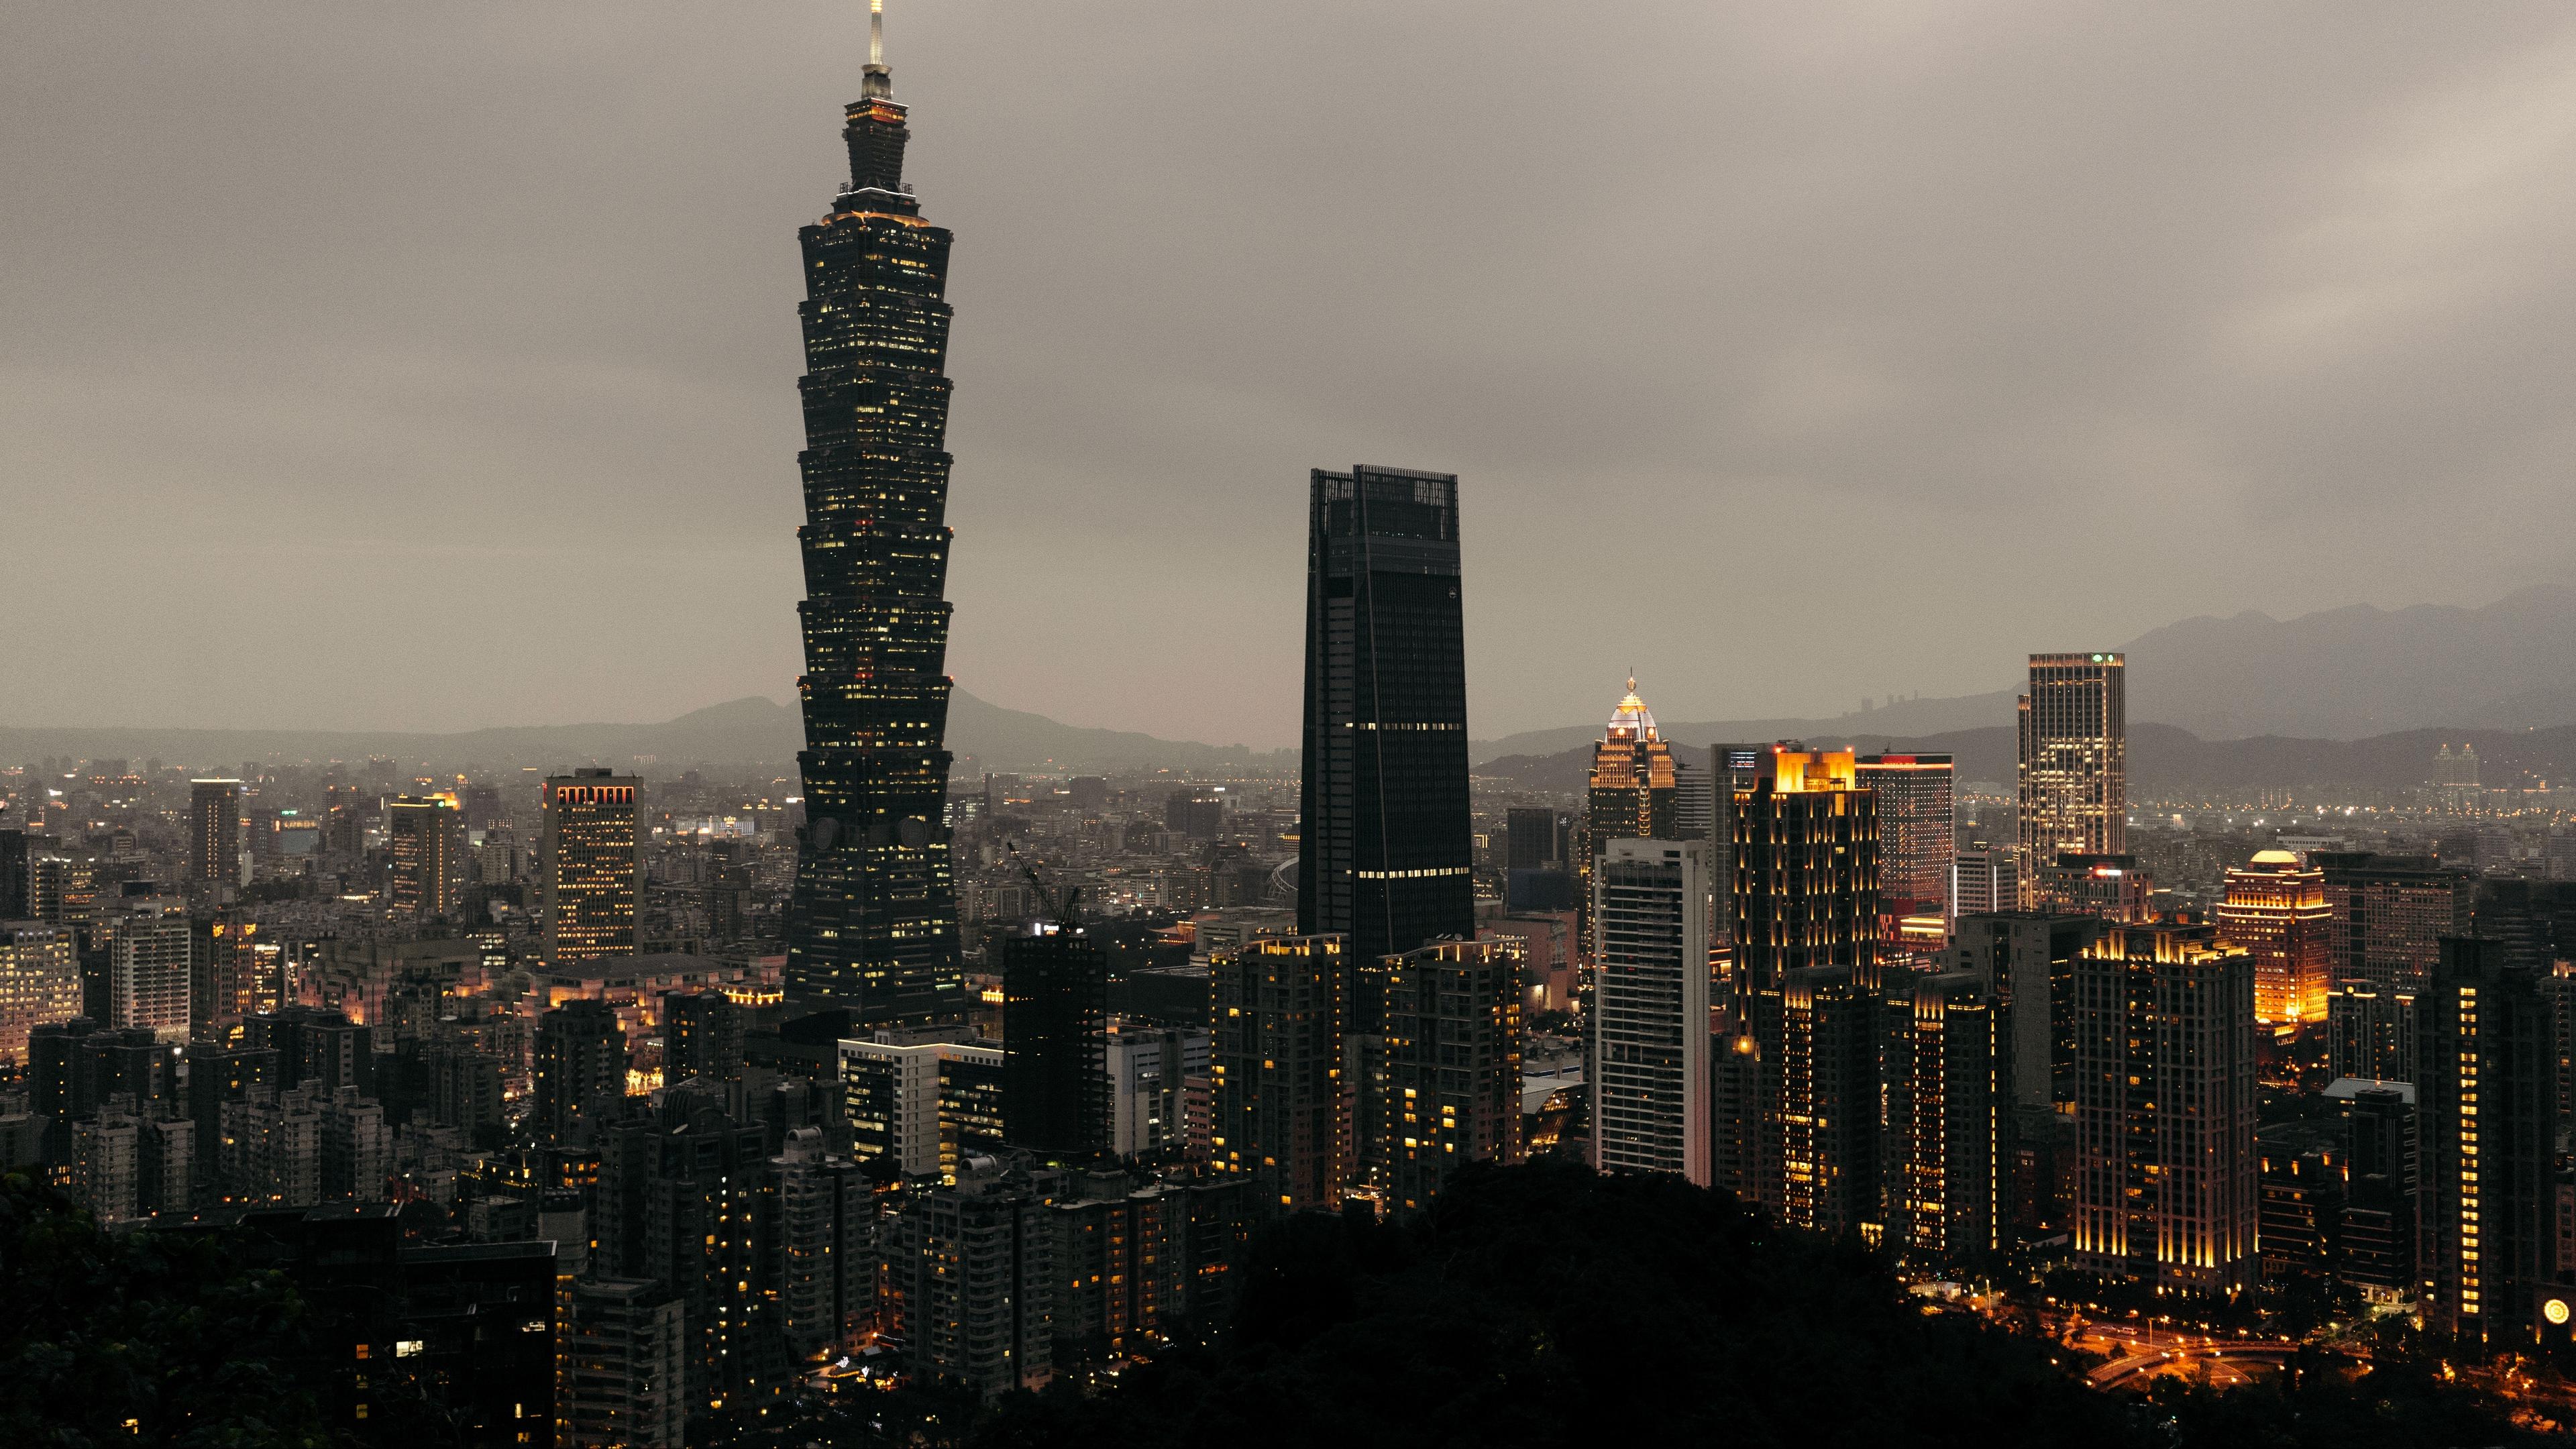 taipei taiwan skyscrapers evening 4k 1538068202 - taipei, taiwan, skyscrapers, evening 4k - Taiwan, Taipei, Skyscrapers